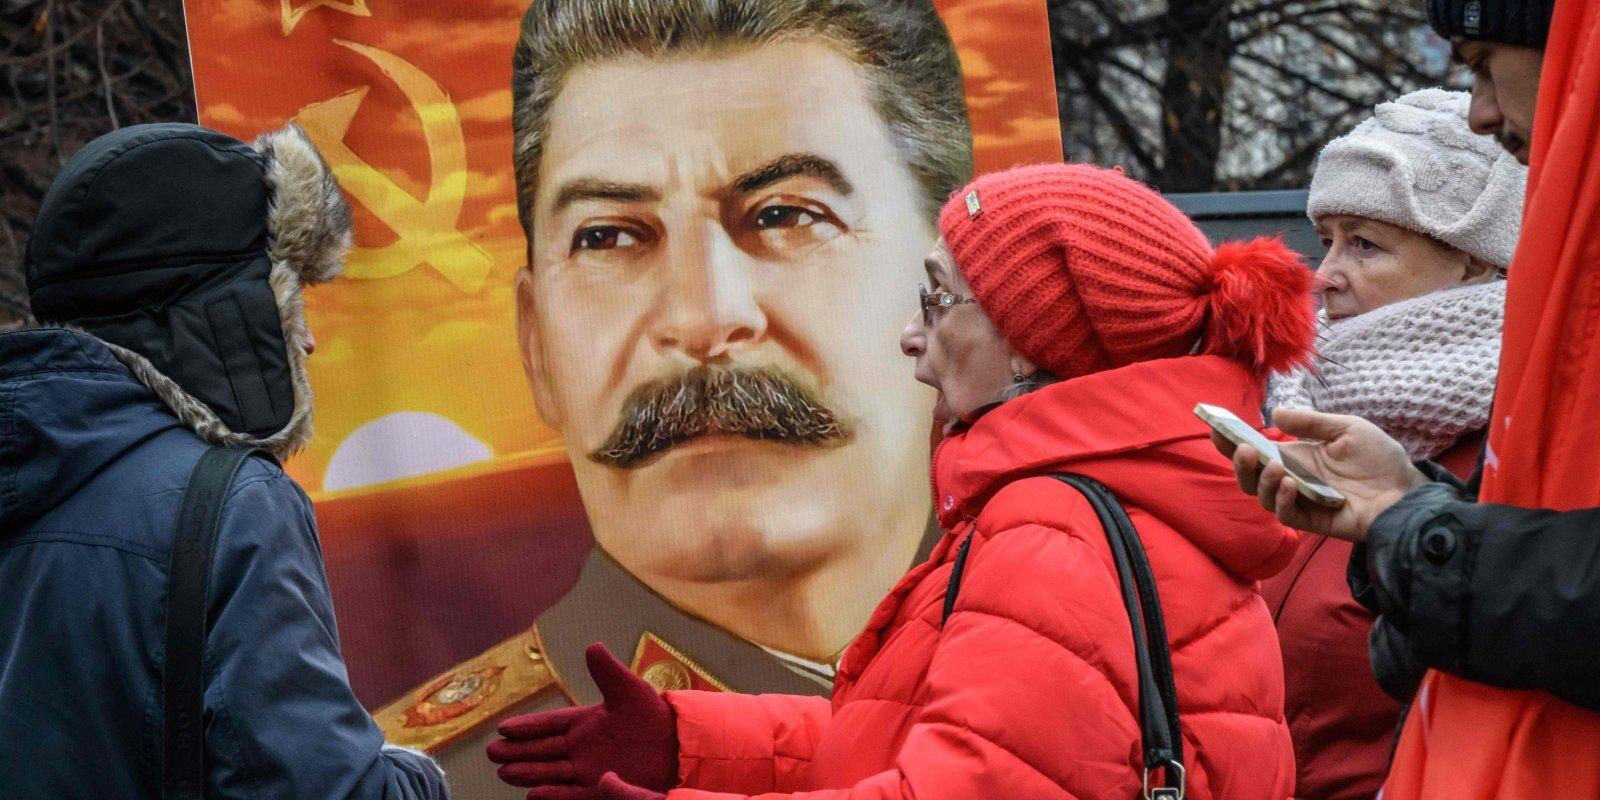 Ģimenes un valsts atmiņa. Kā Krievijā mainās skolēnu vēstījums par vēsturi